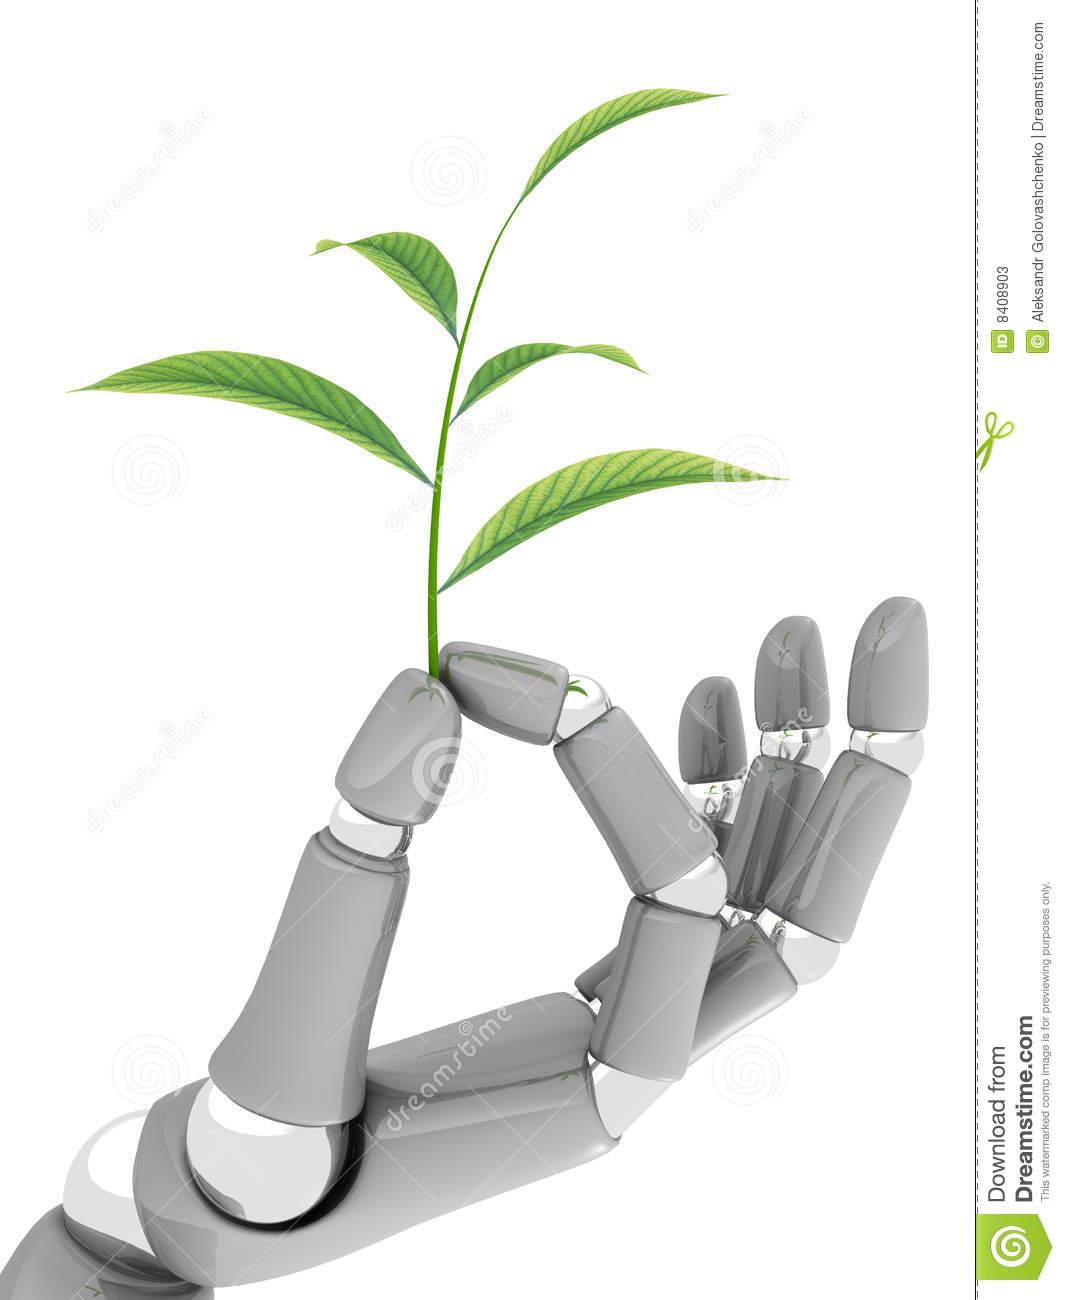 Technology Save Nature Stock Photos.